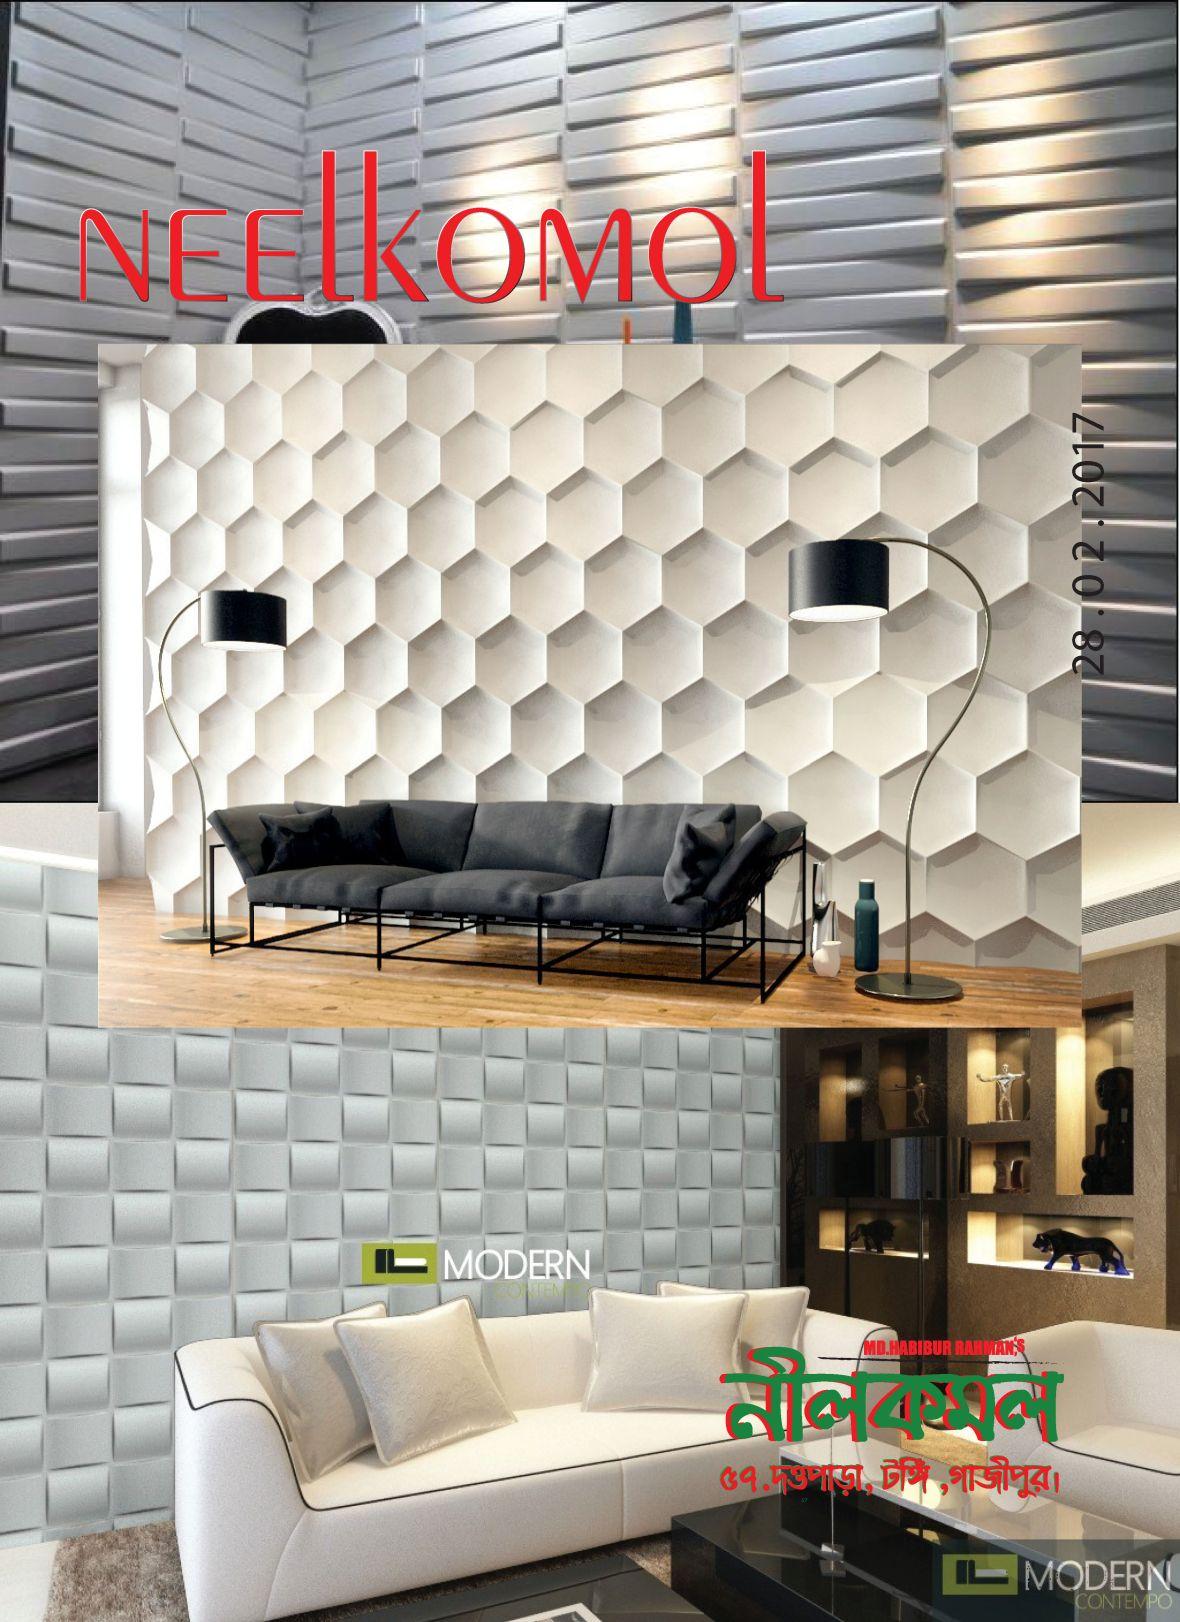 Neelkomol-09MARCH_Page_03